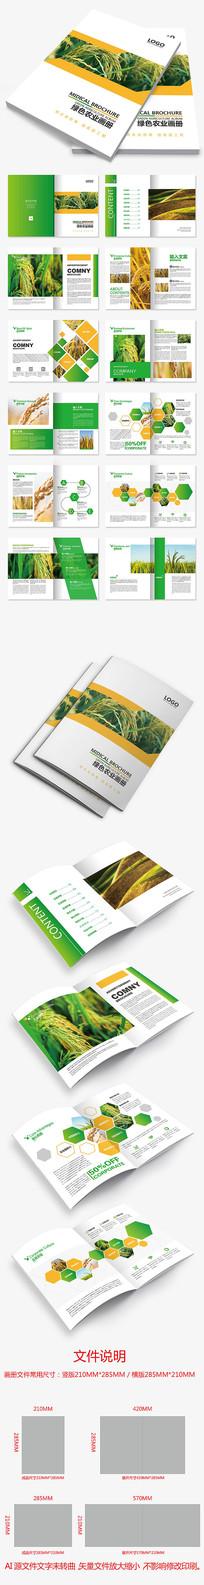 绿色农业农产品生态农业环保科技宣传册